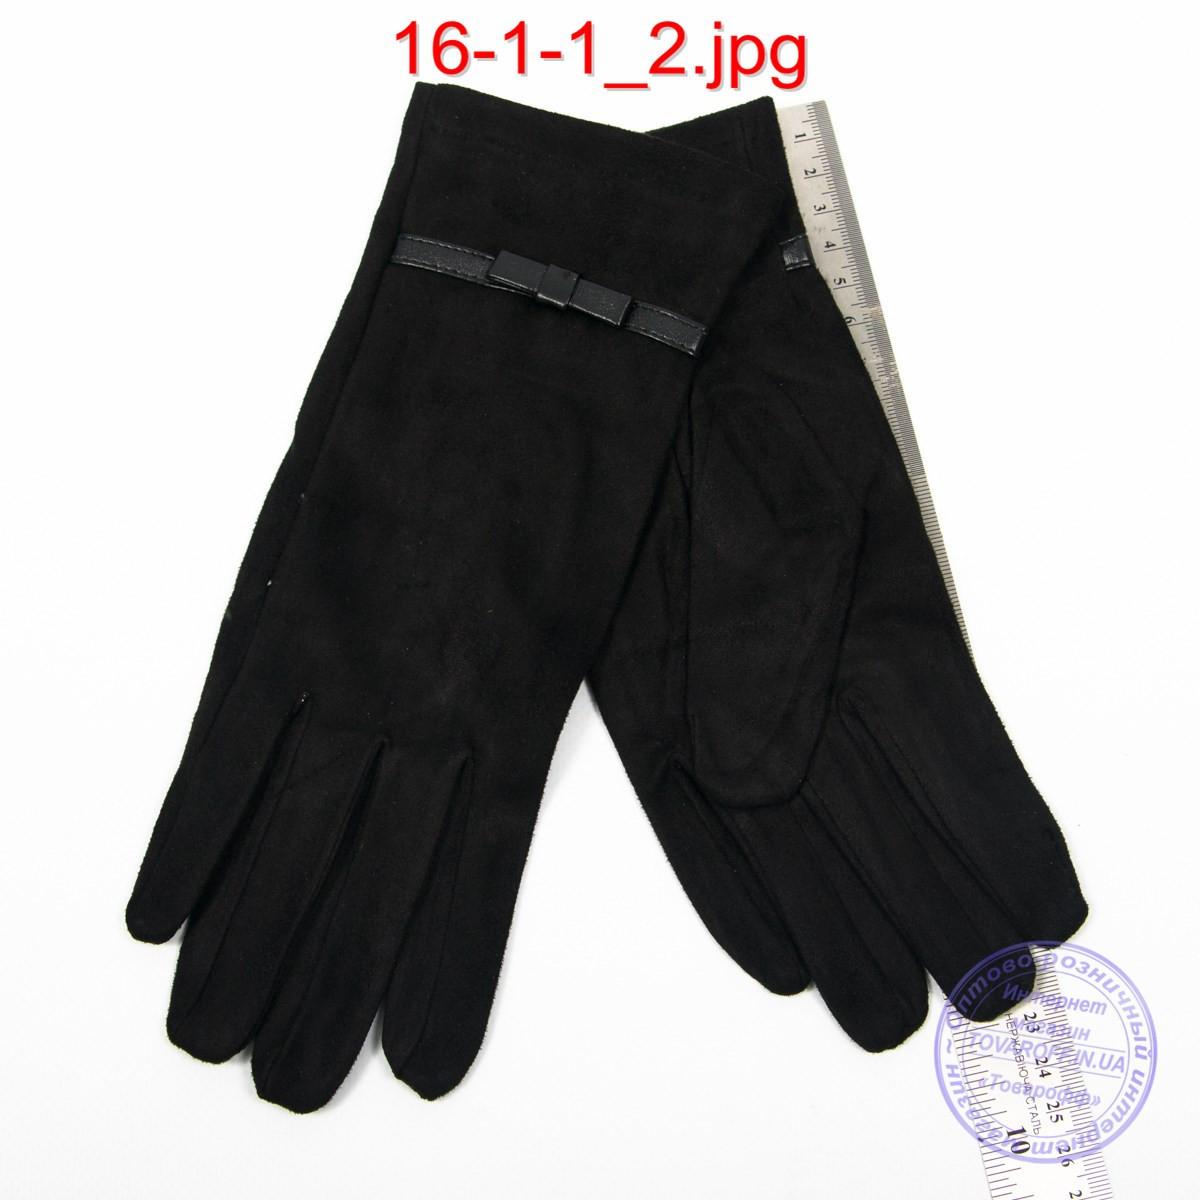 Женские велюровые перчатки без подкладки - №16-1-1